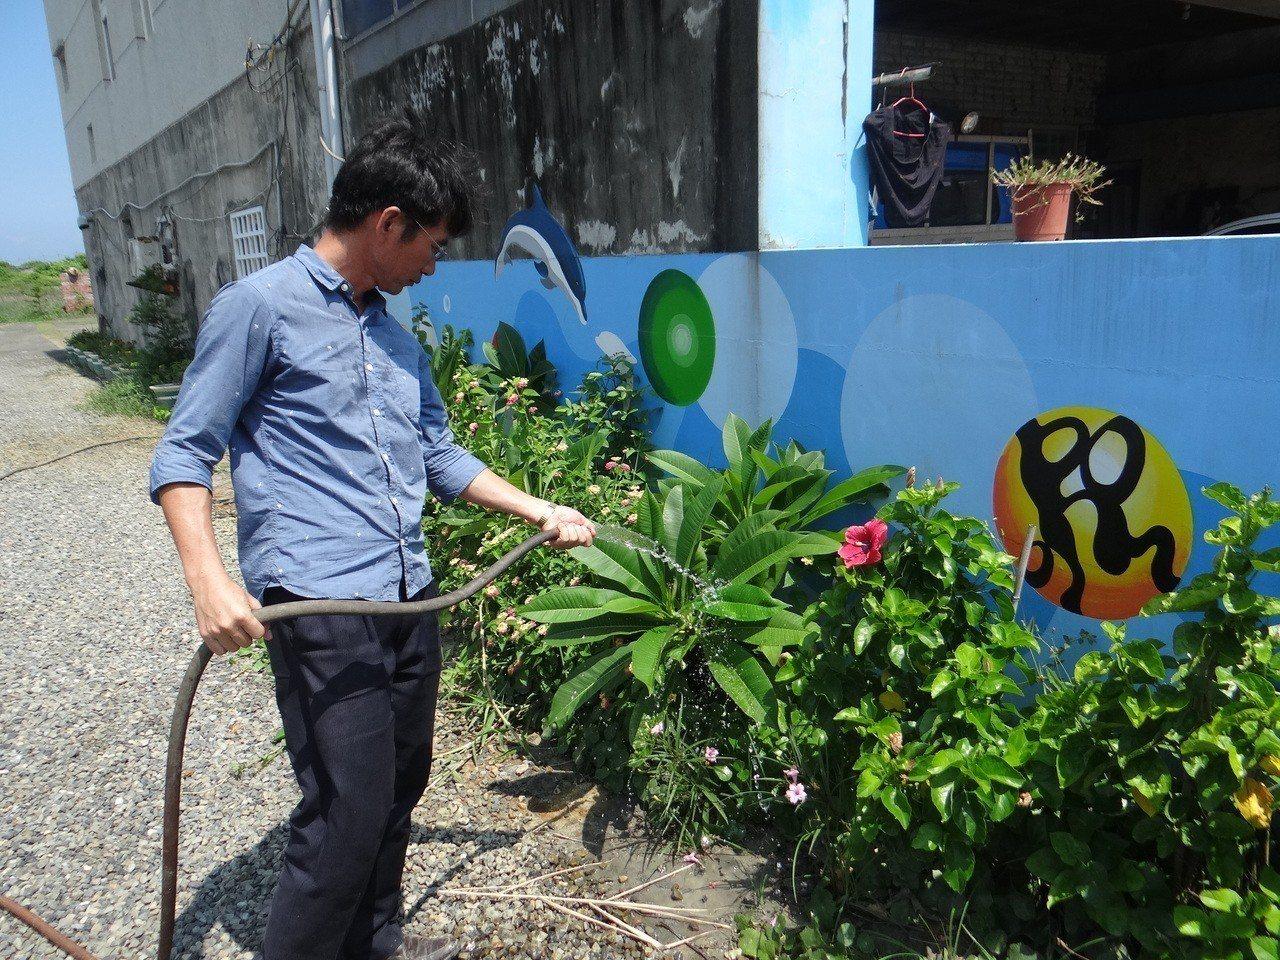 戴校長每天辛苦照護一草一木,使廢地花木扶疏,改變了整個社區。記者蔡維斌/攝影